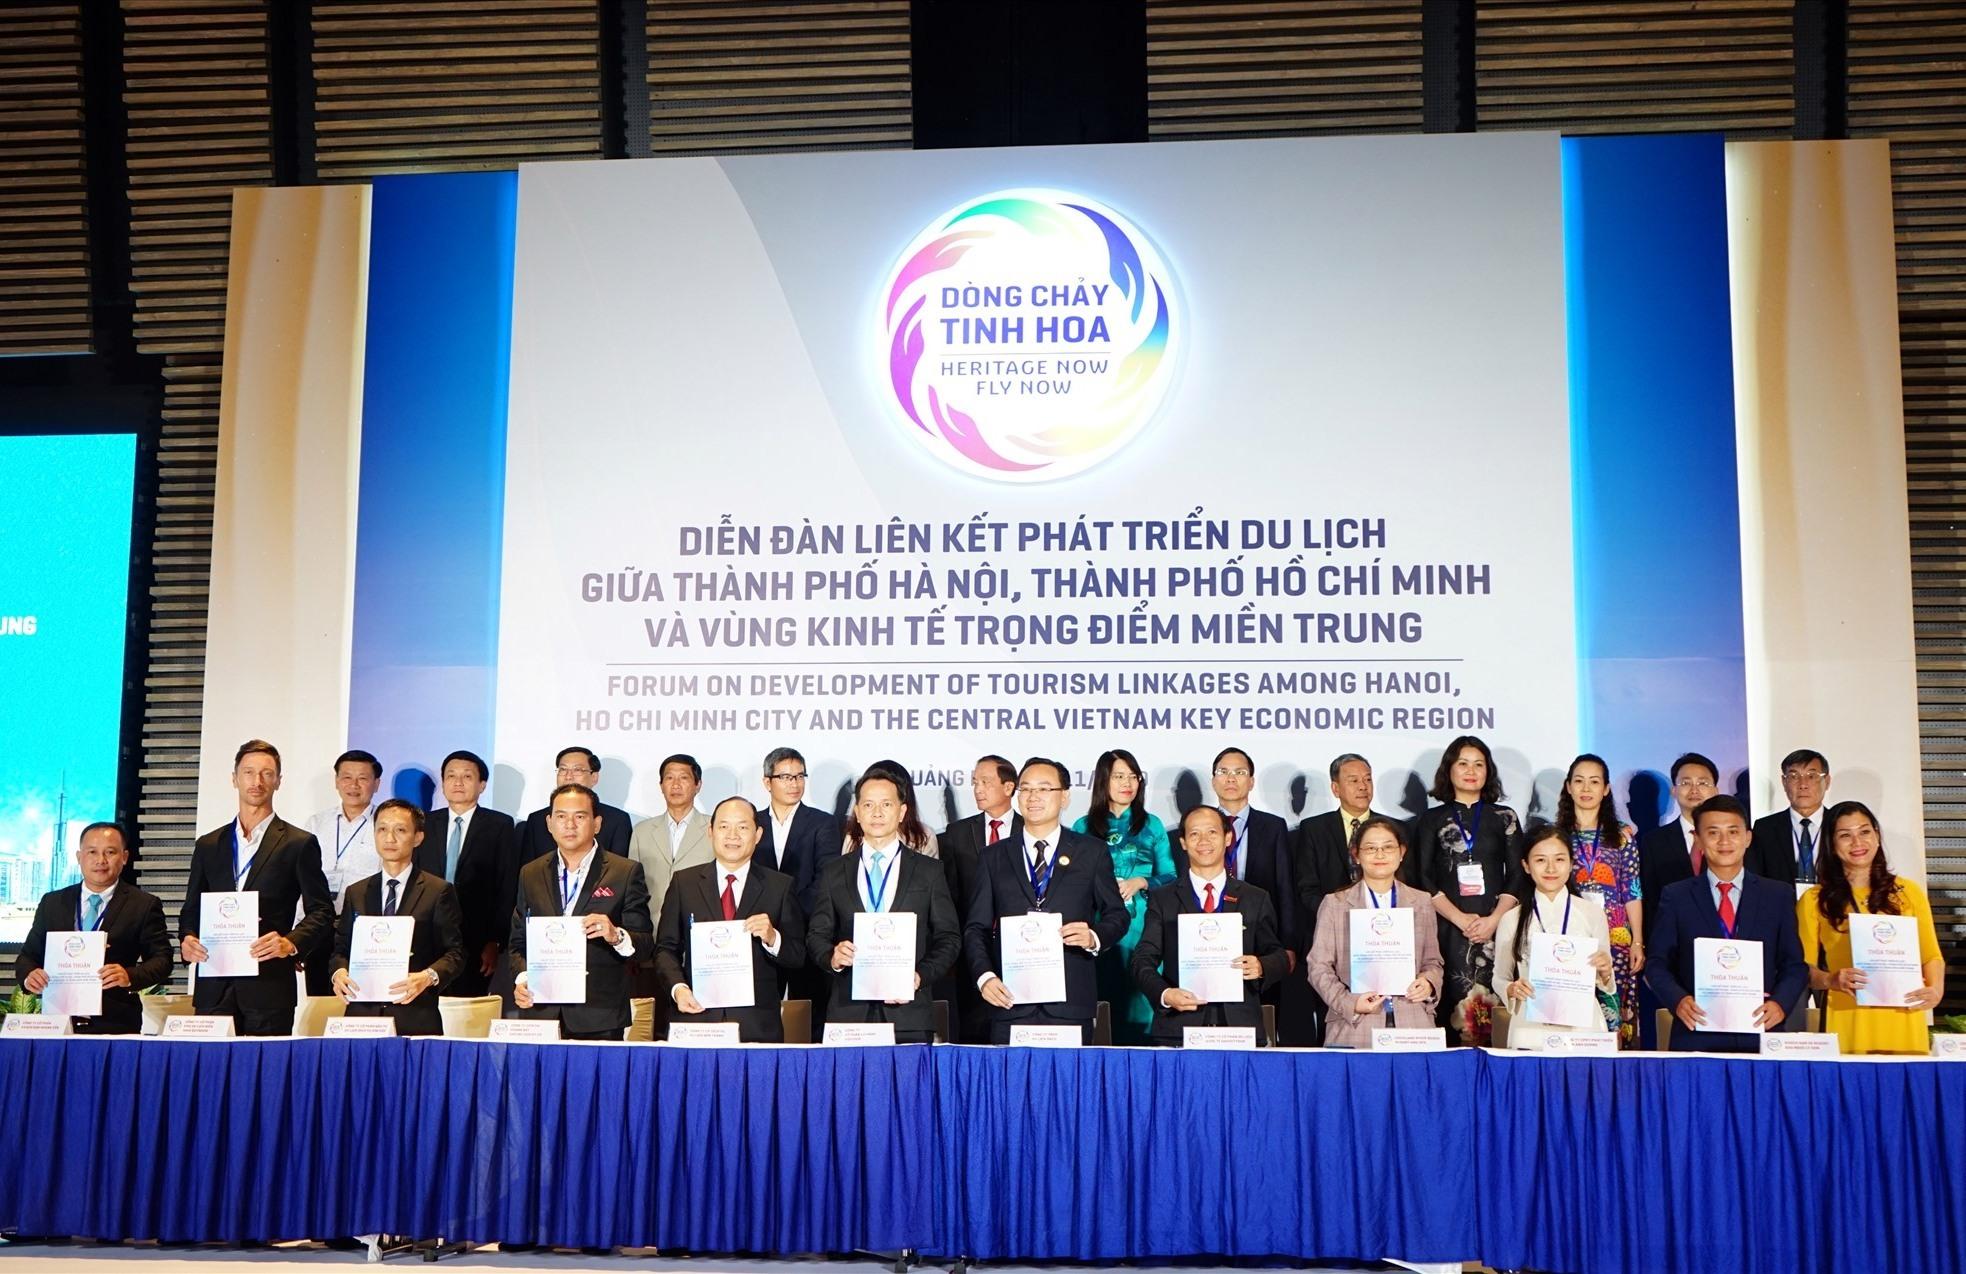 Đại diện Hiệp hội du lịch 7 địa phương ký cam kết hợp tác với 3 Hãng hàng không của Việt Nam